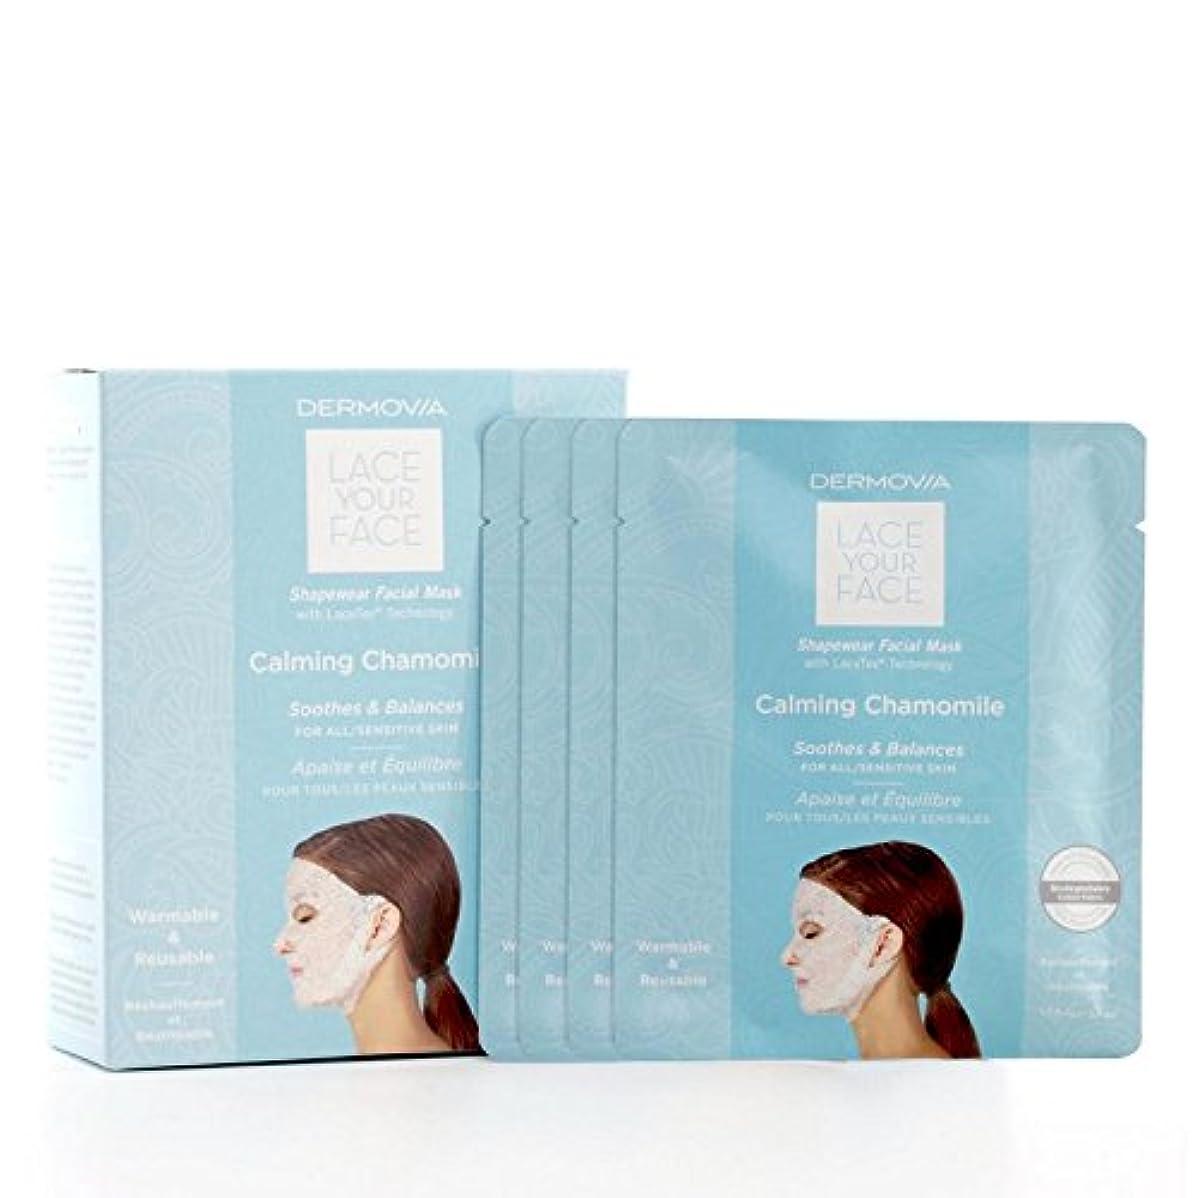 ハード思春期野菜Dermovia Lace Your Face Compression Facial Mask Calming Chamomile - は、あなたの顔の圧縮フェイシャルマスク心を落ち着かせるカモミールをひもで締めます [...